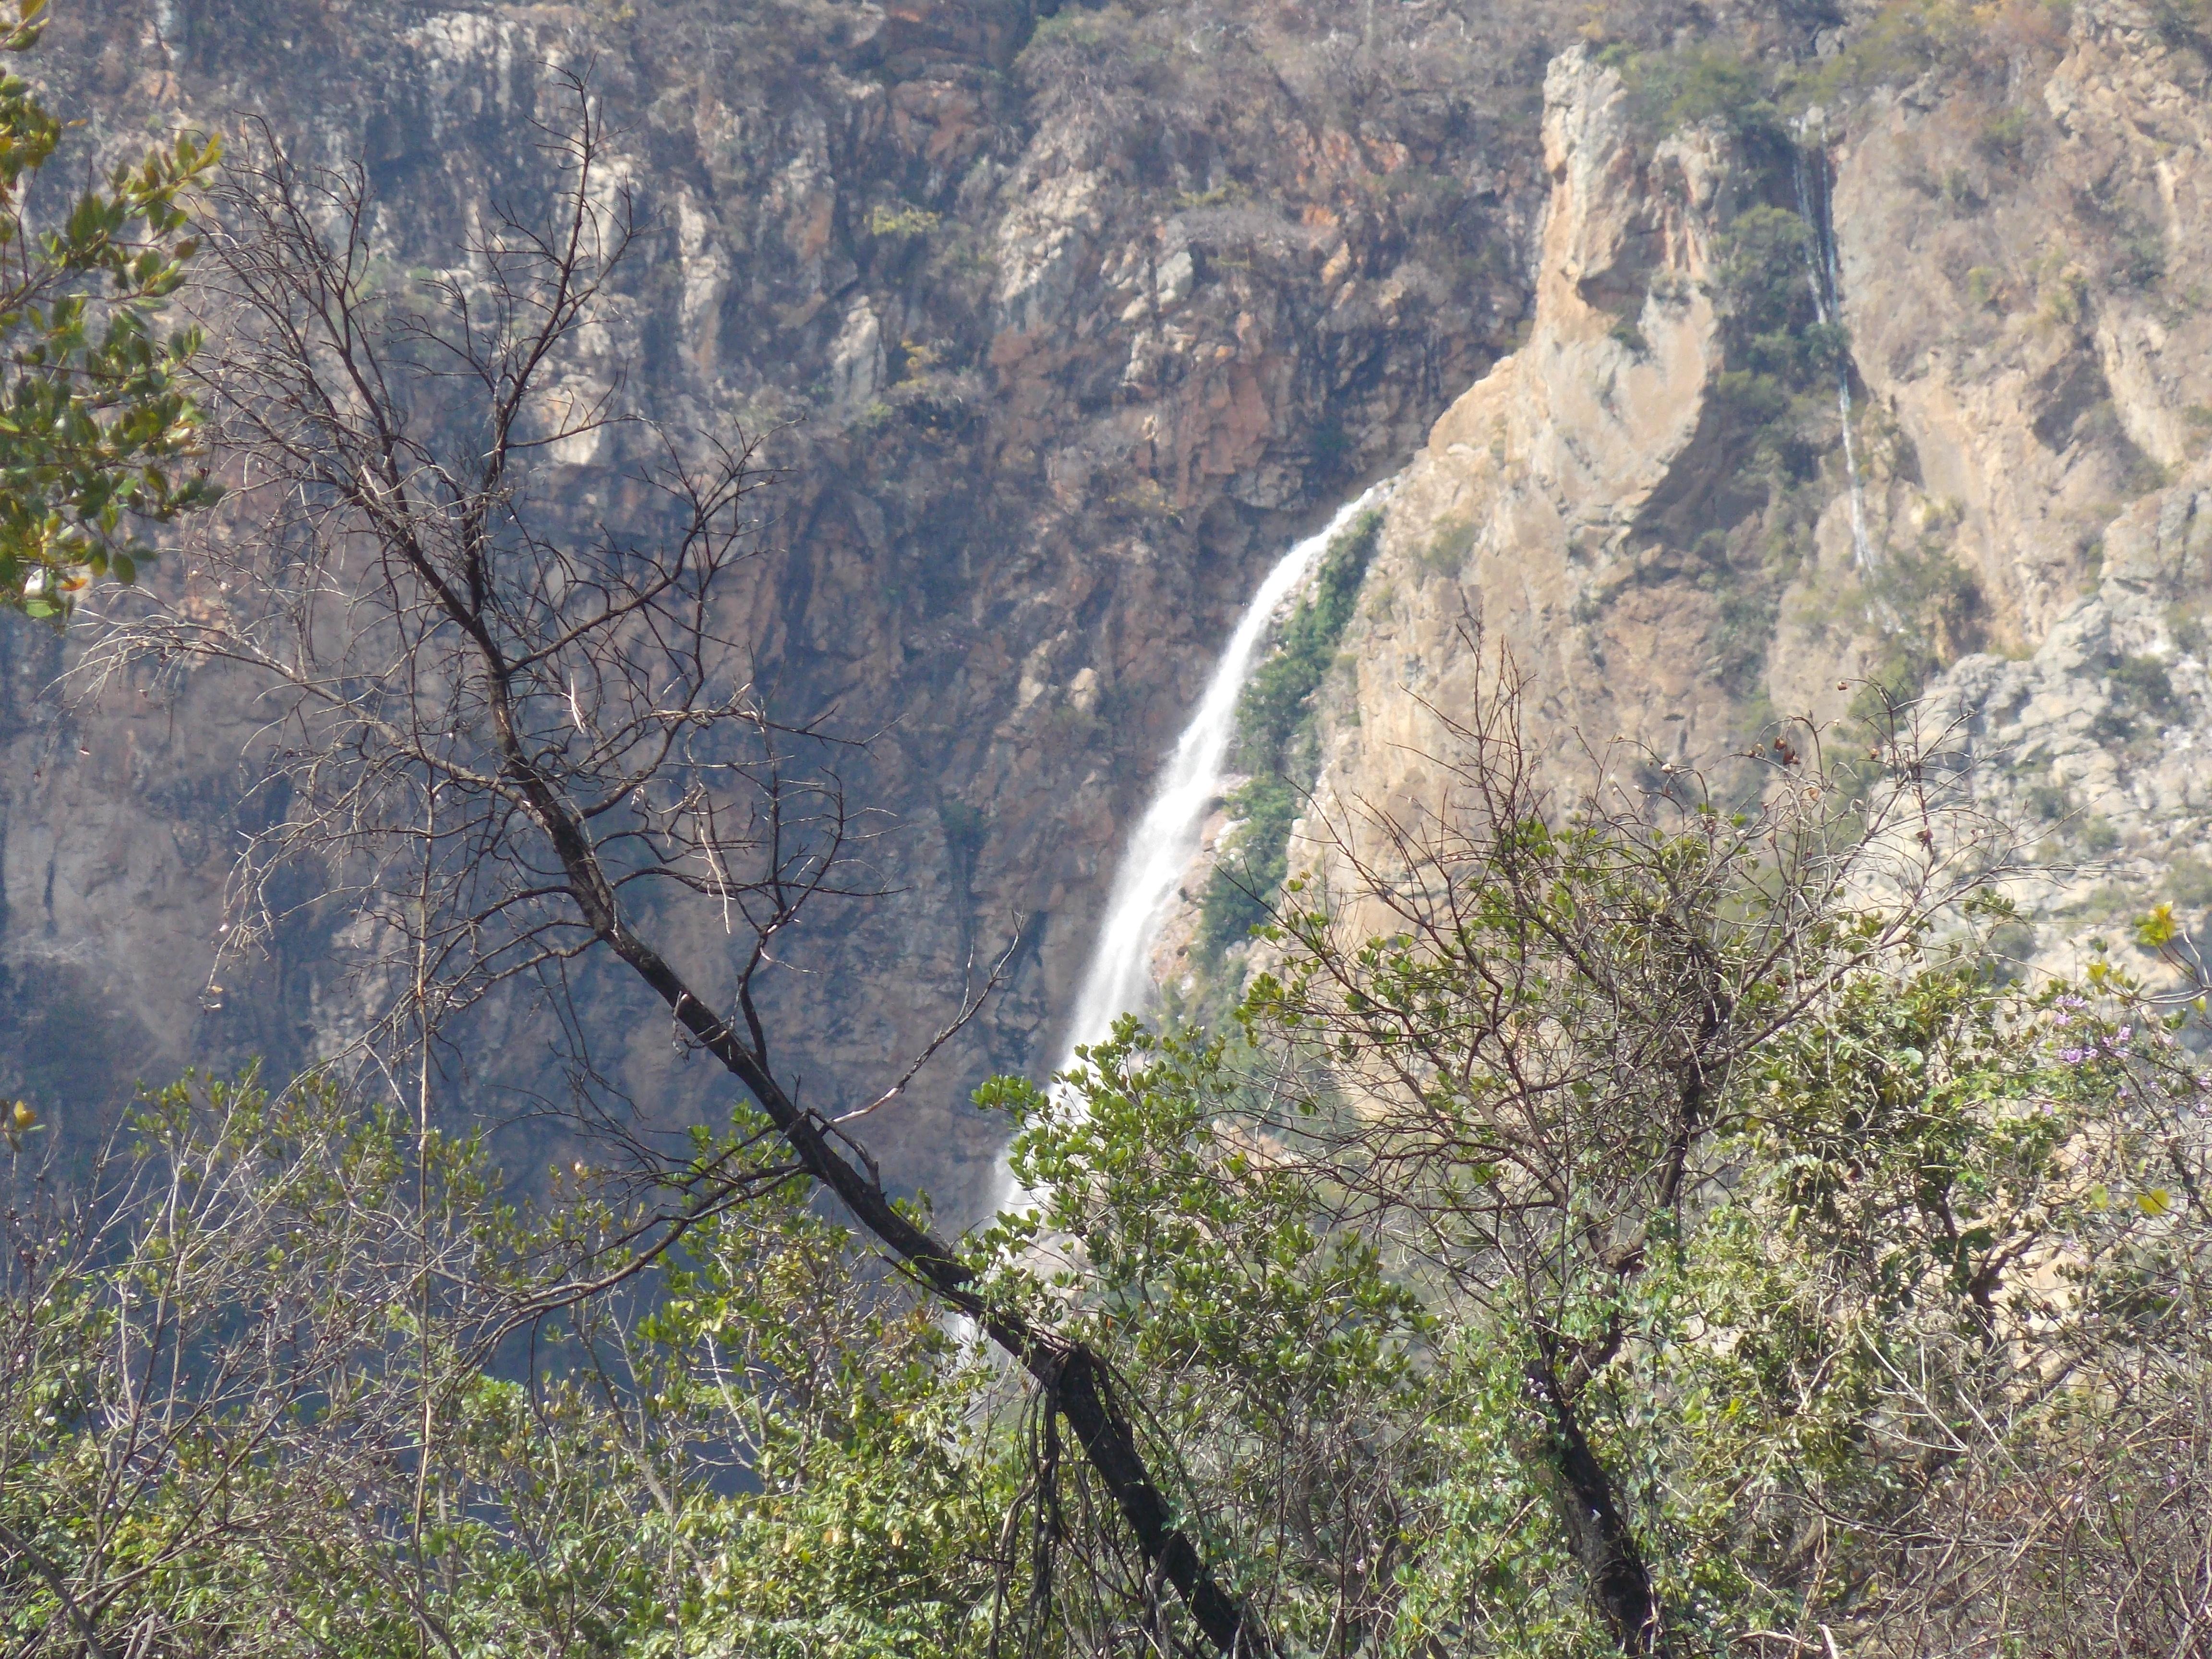 Porteirinha Minas Gerais fonte: upload.wikimedia.org